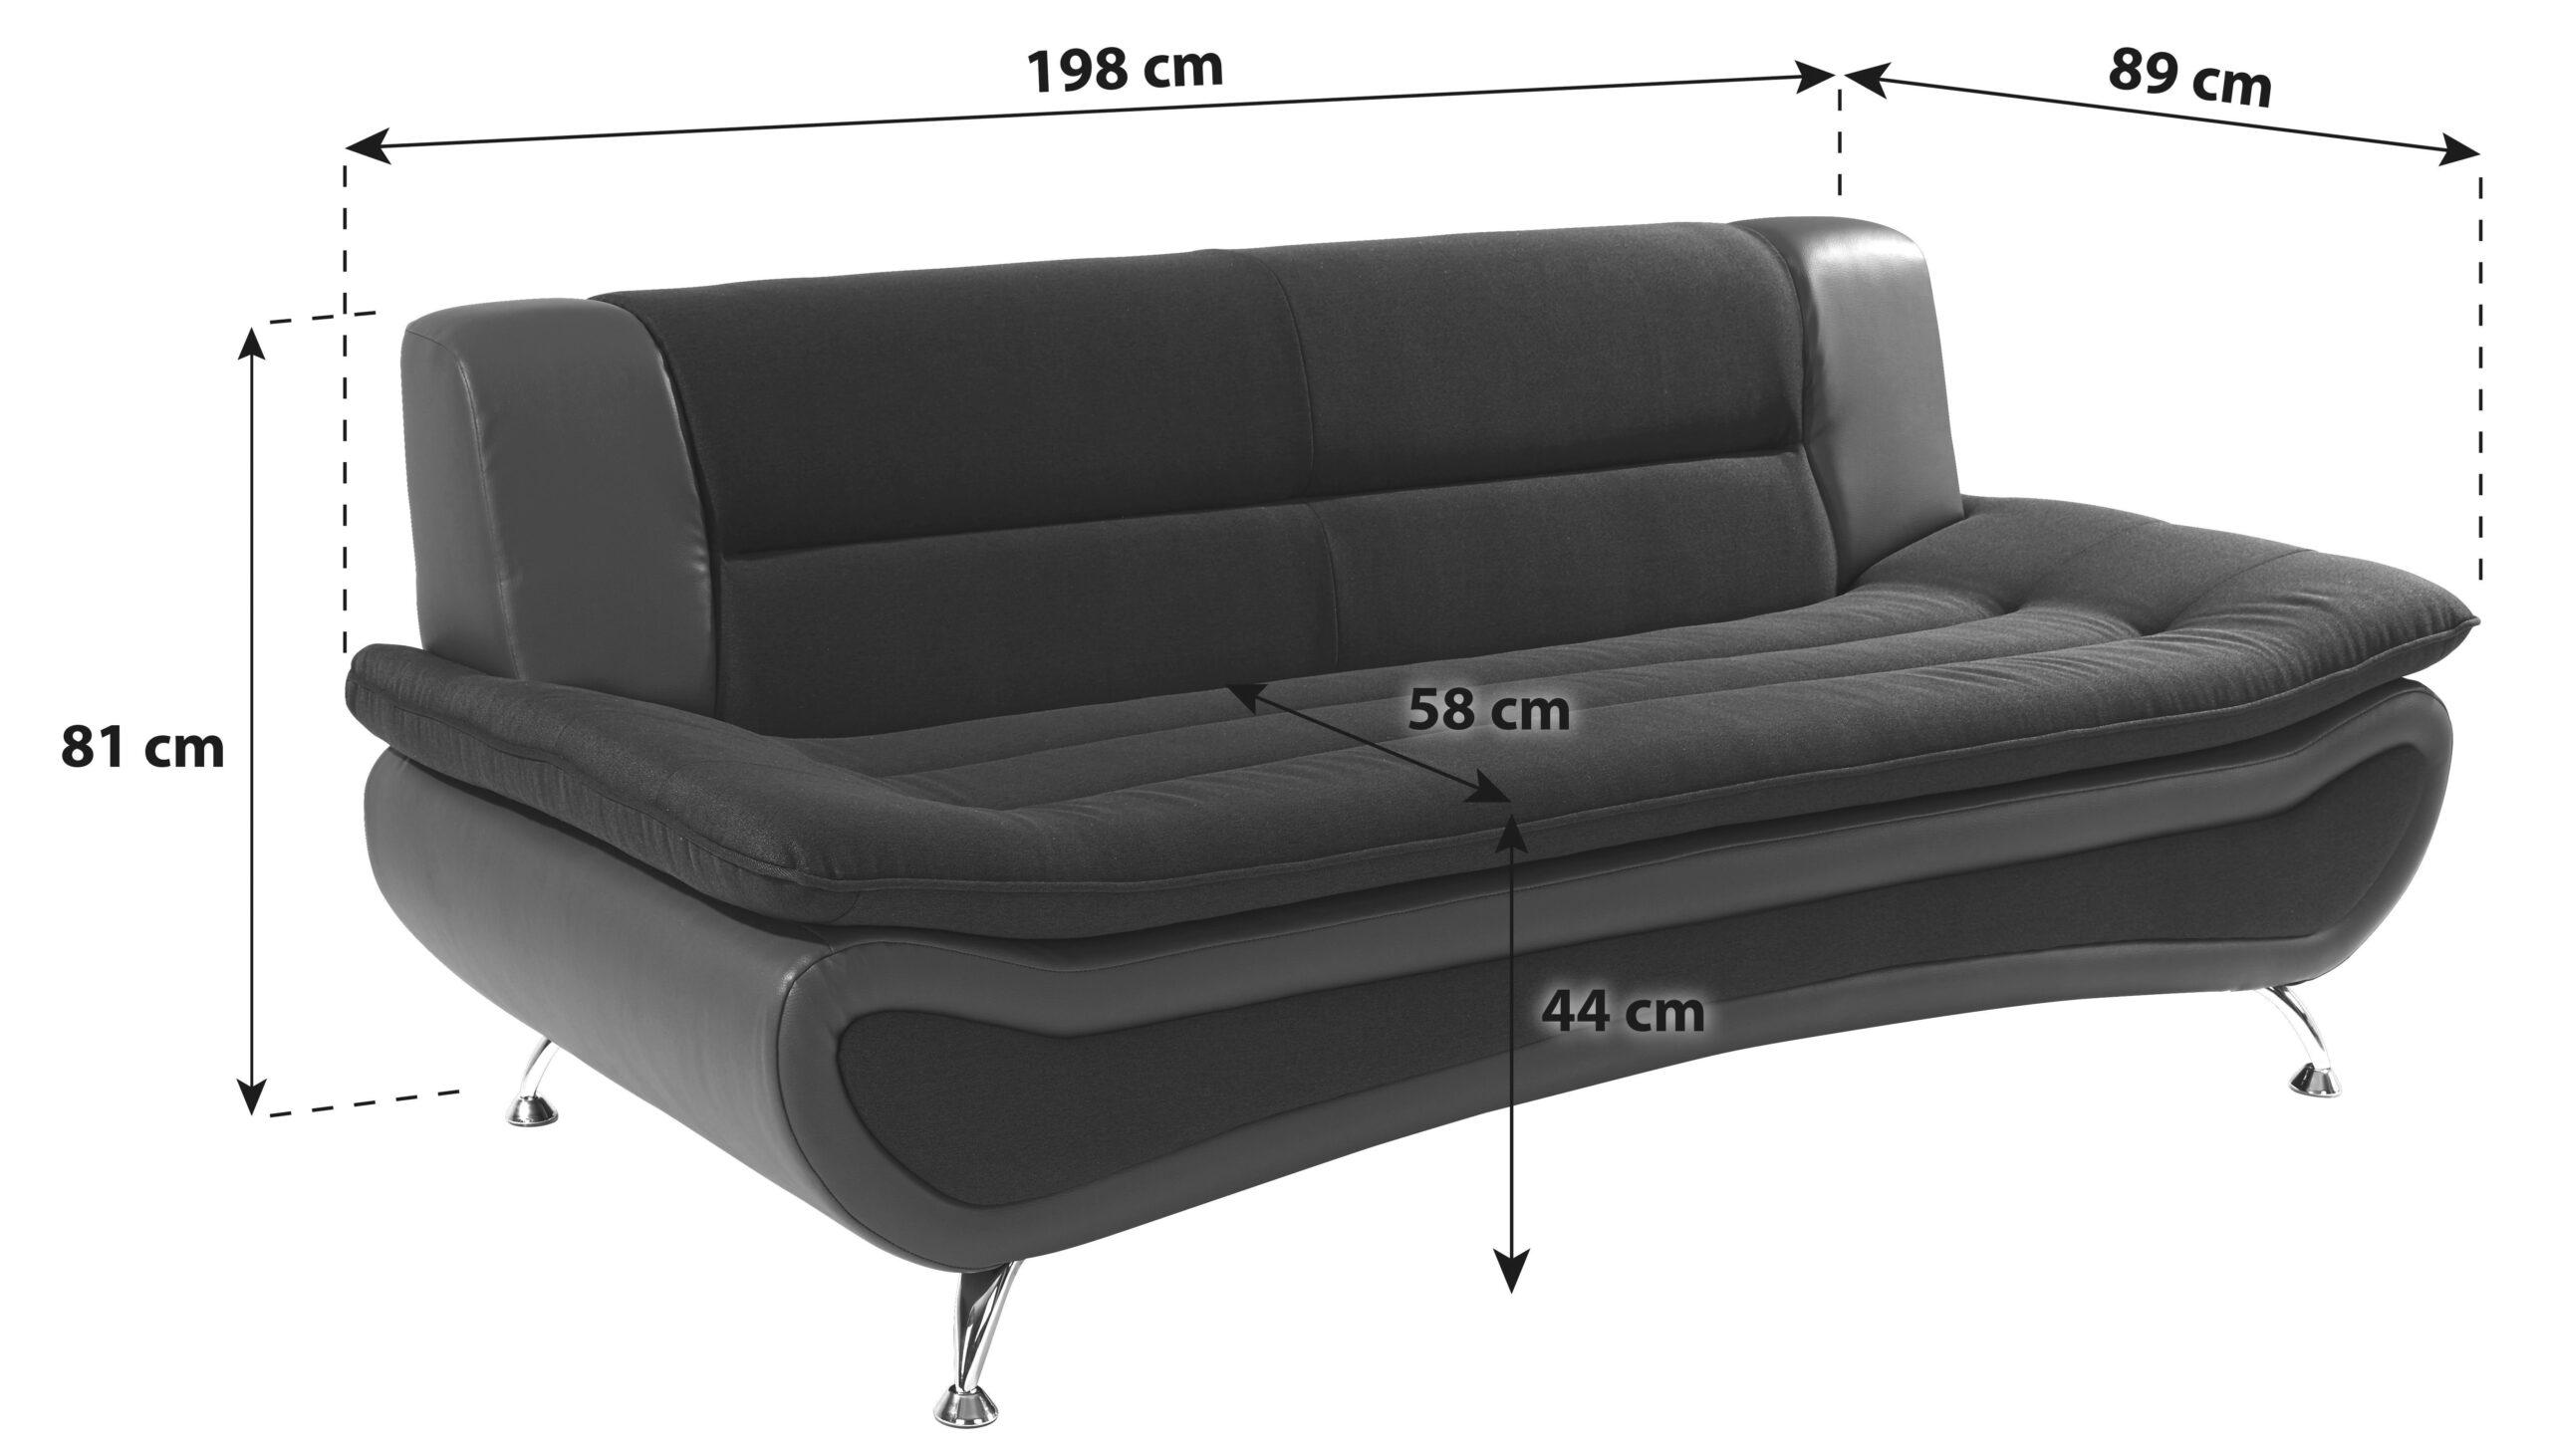 Full Size of Sofas Online Kaufen Mbelix Ausklappbares Bett Ausklappbar Wohnzimmer Couch Ausklappbar